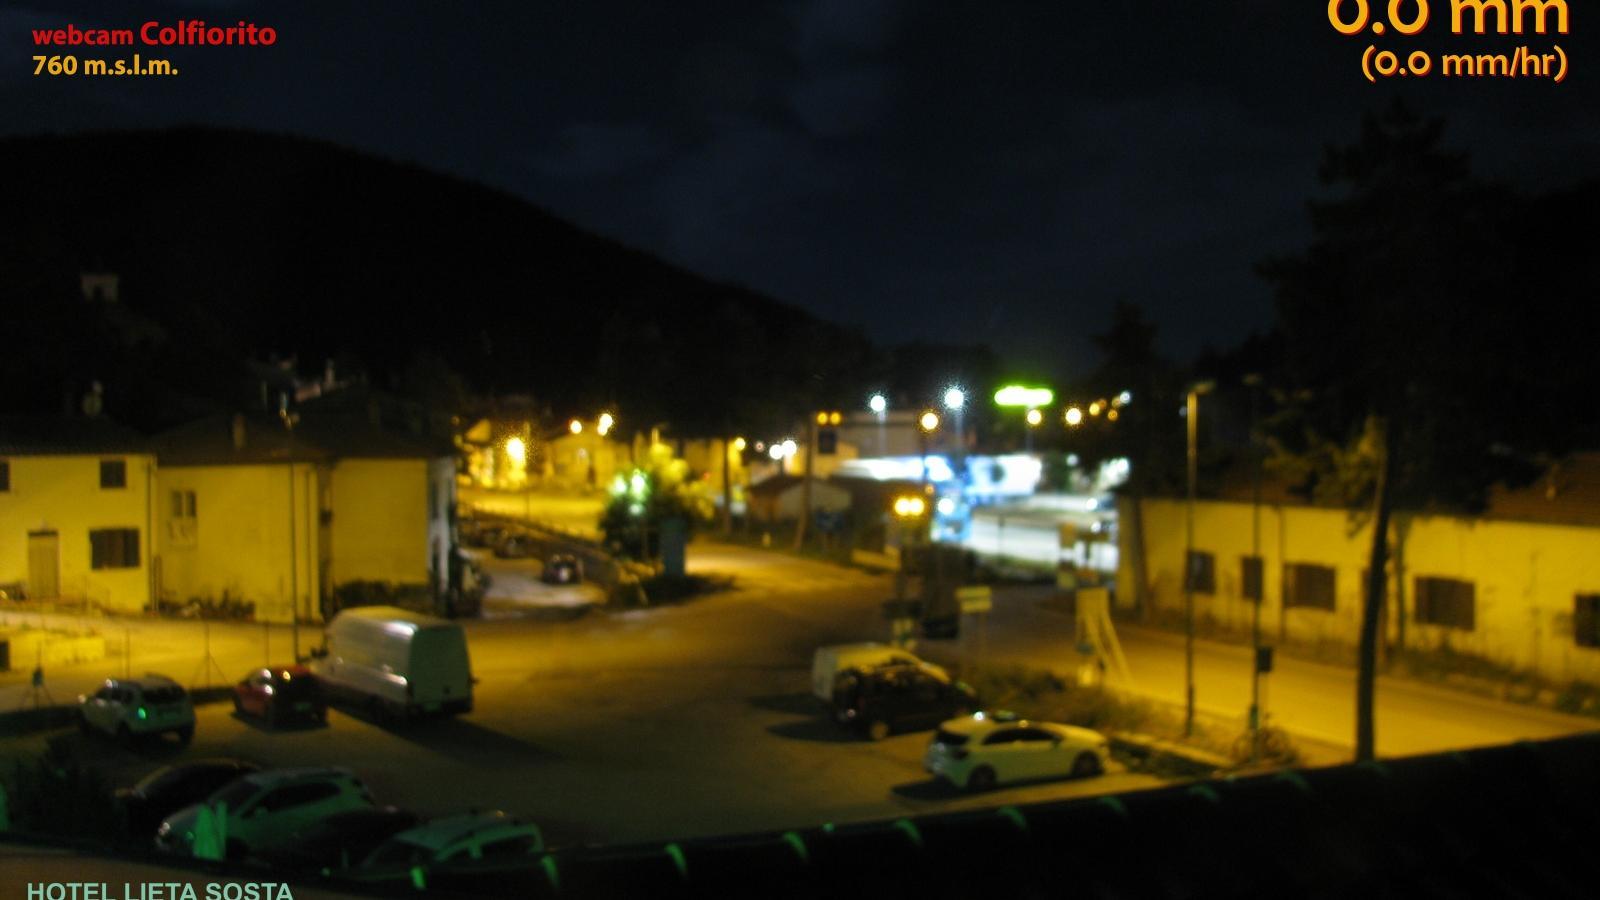 Webcam Colfiorito